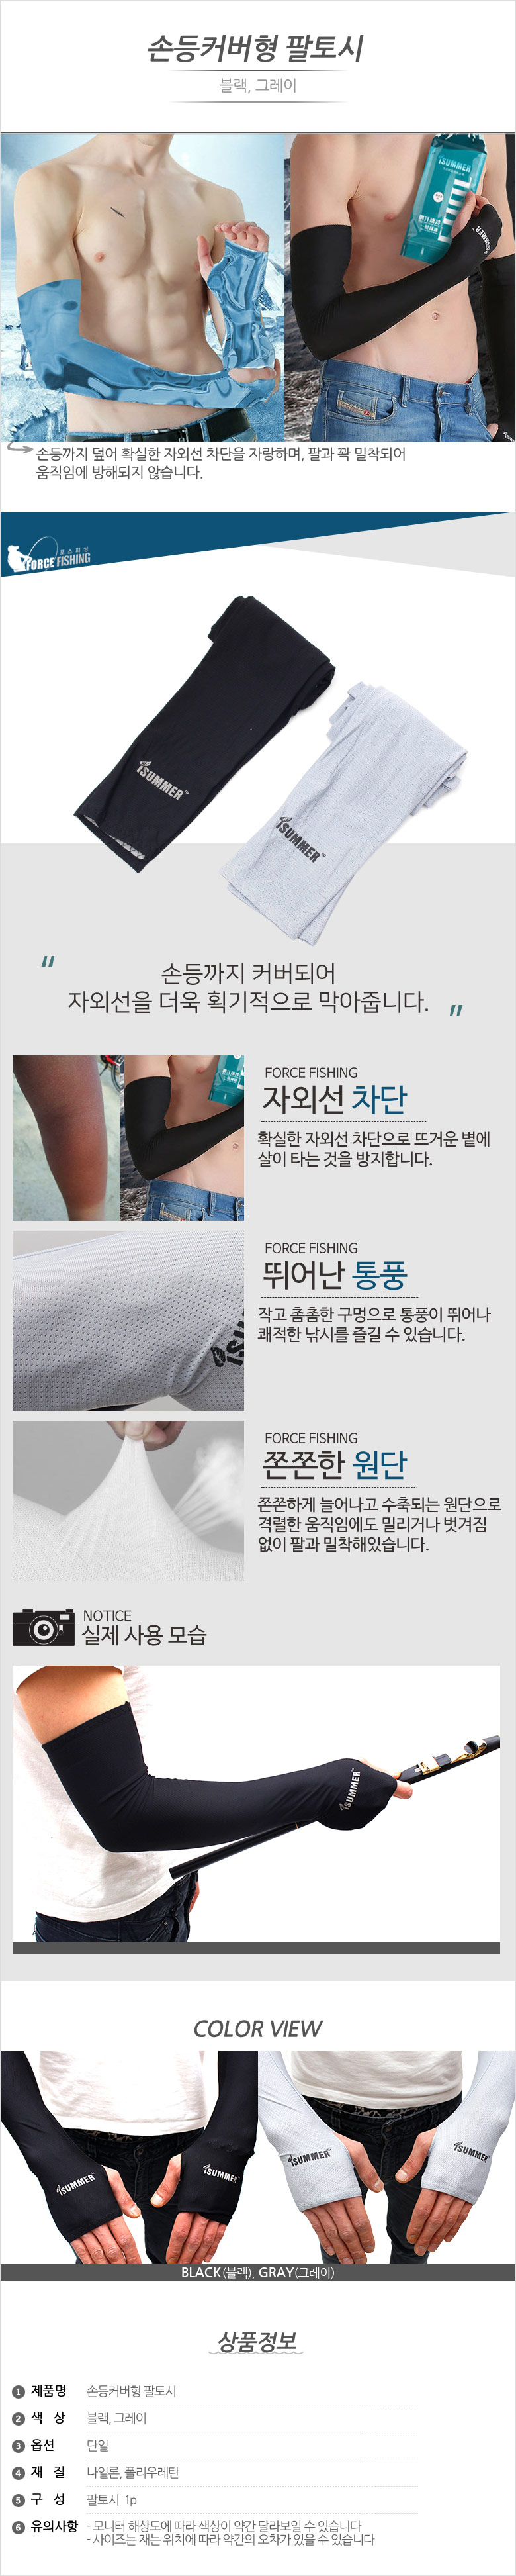 손등커버형 팔토시 햇빛차단용 낚시용 손팔토시 - 포스트레이딩, 2,500원, 낚시용품, 안전용품